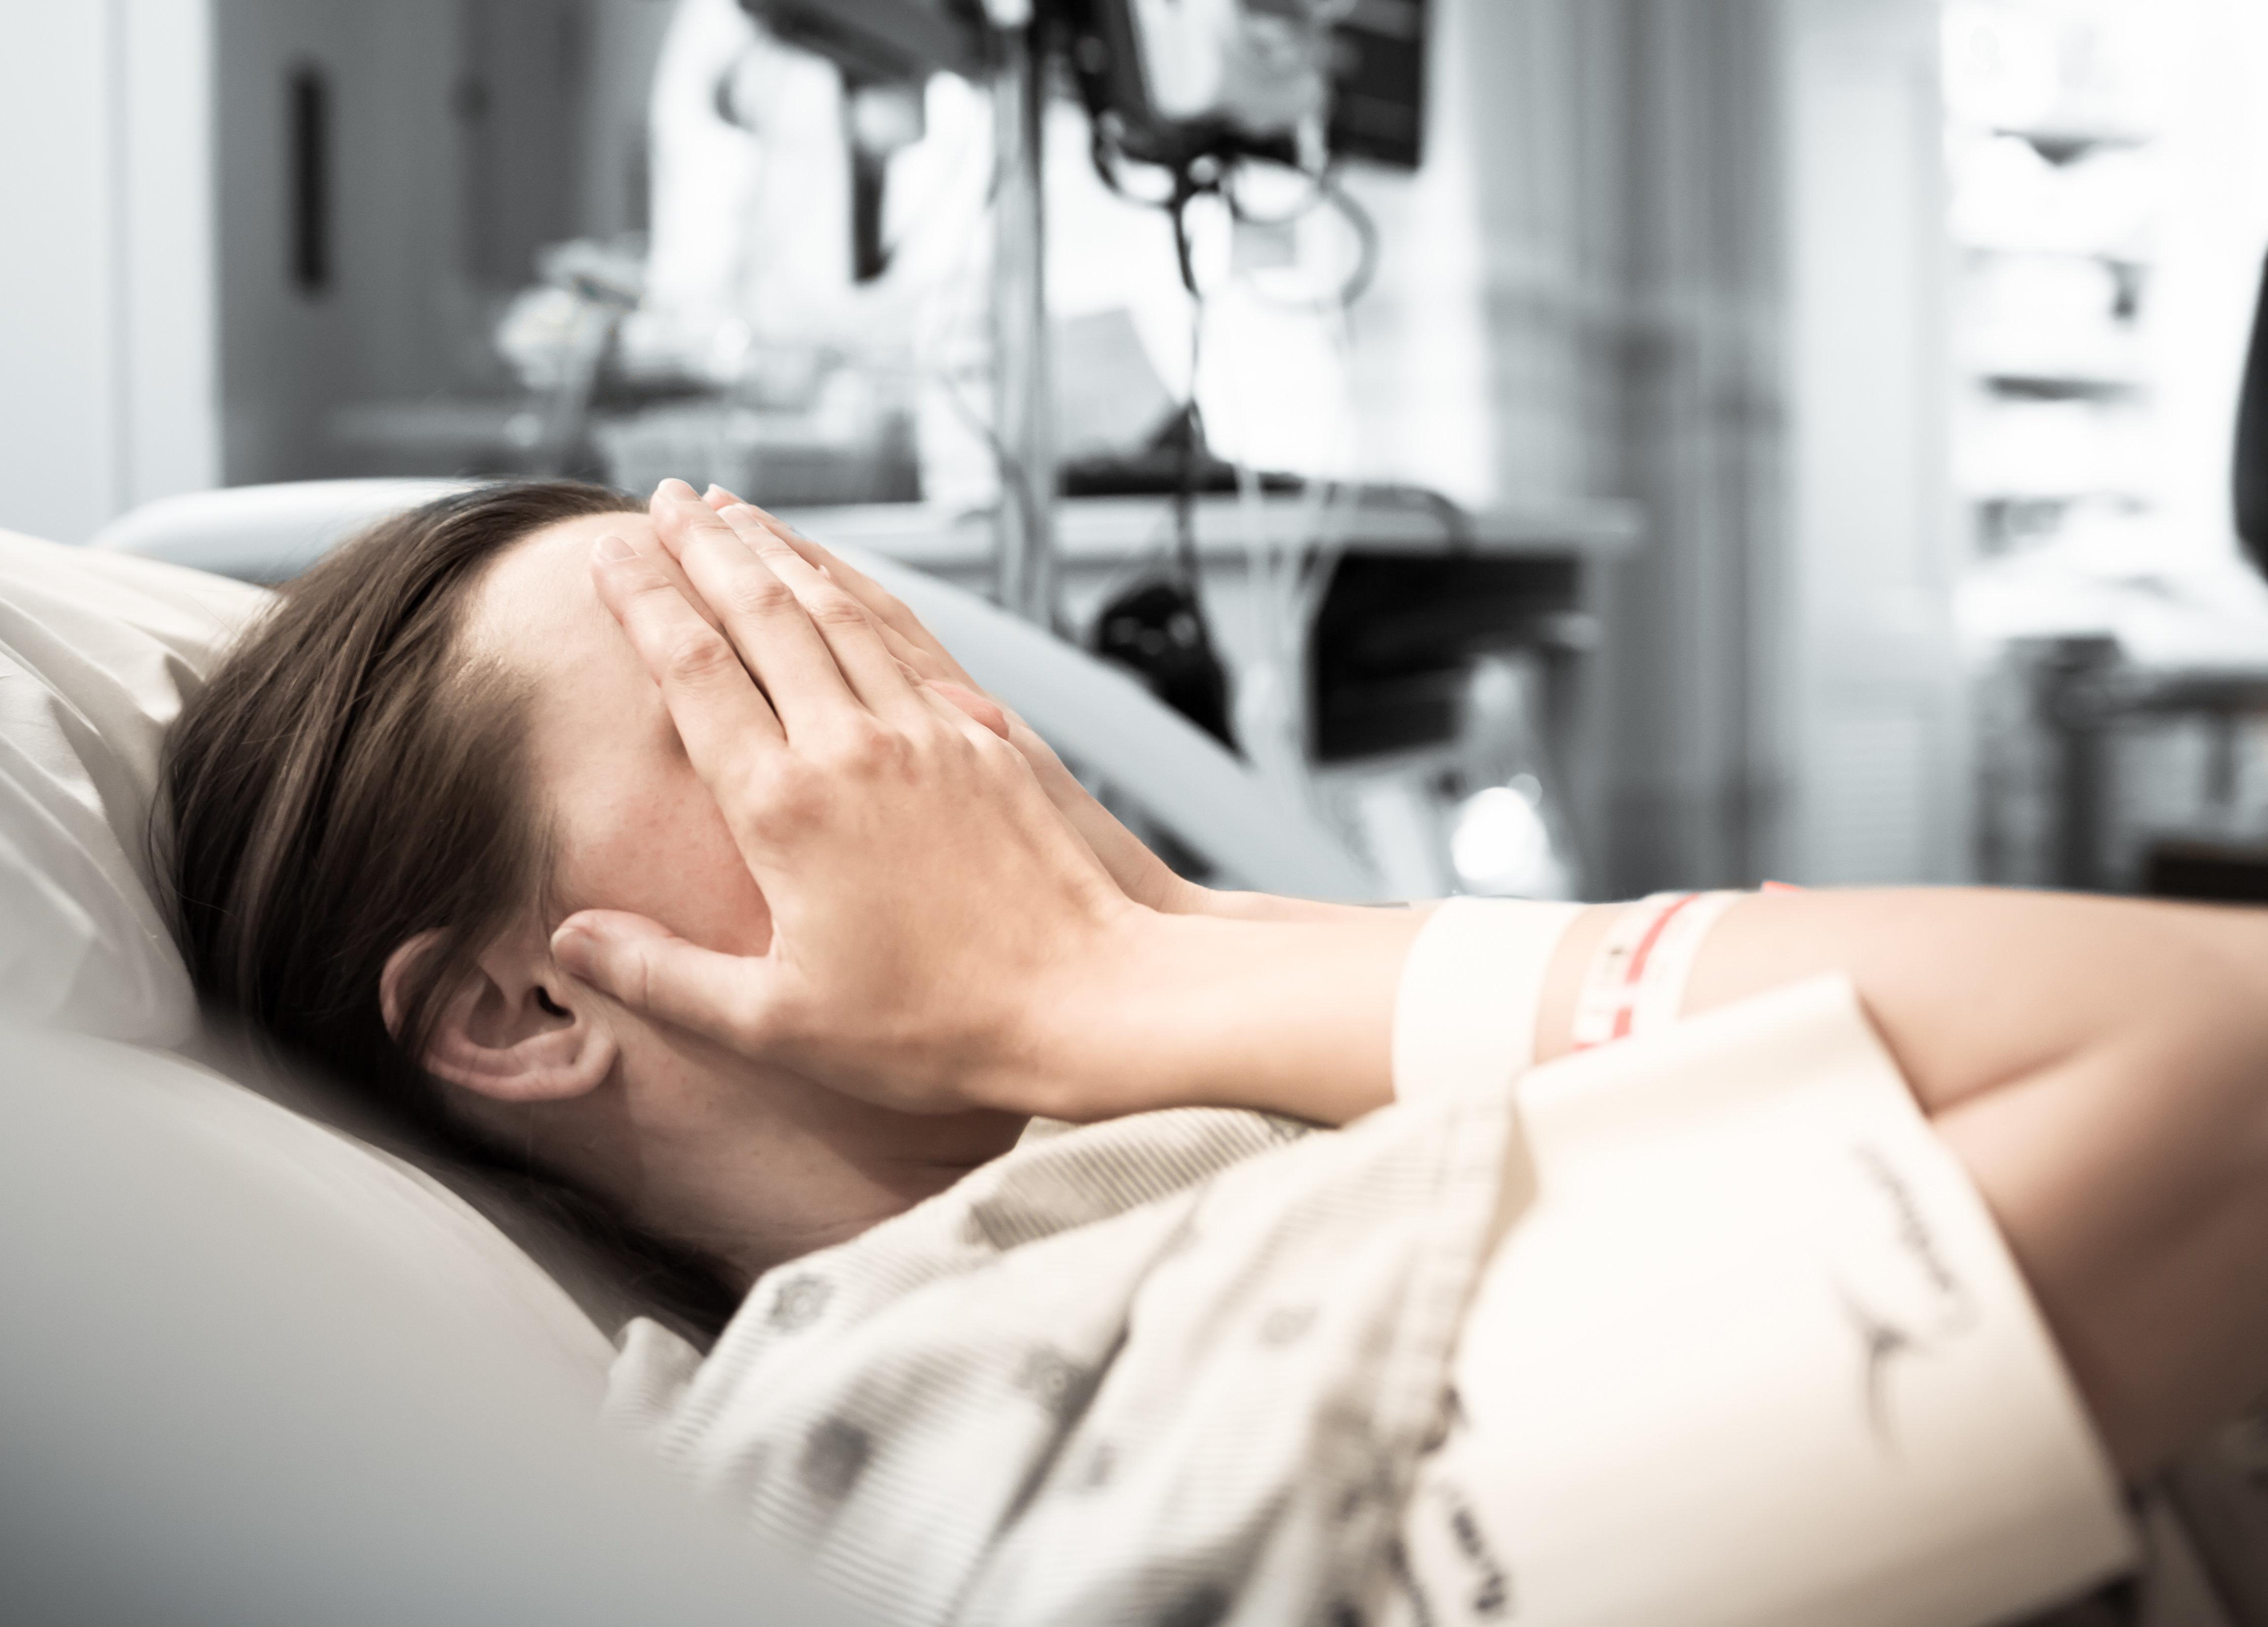 Arztfehler bei der Geburt: Schwangere erlebt Kaiserschnitt ohne